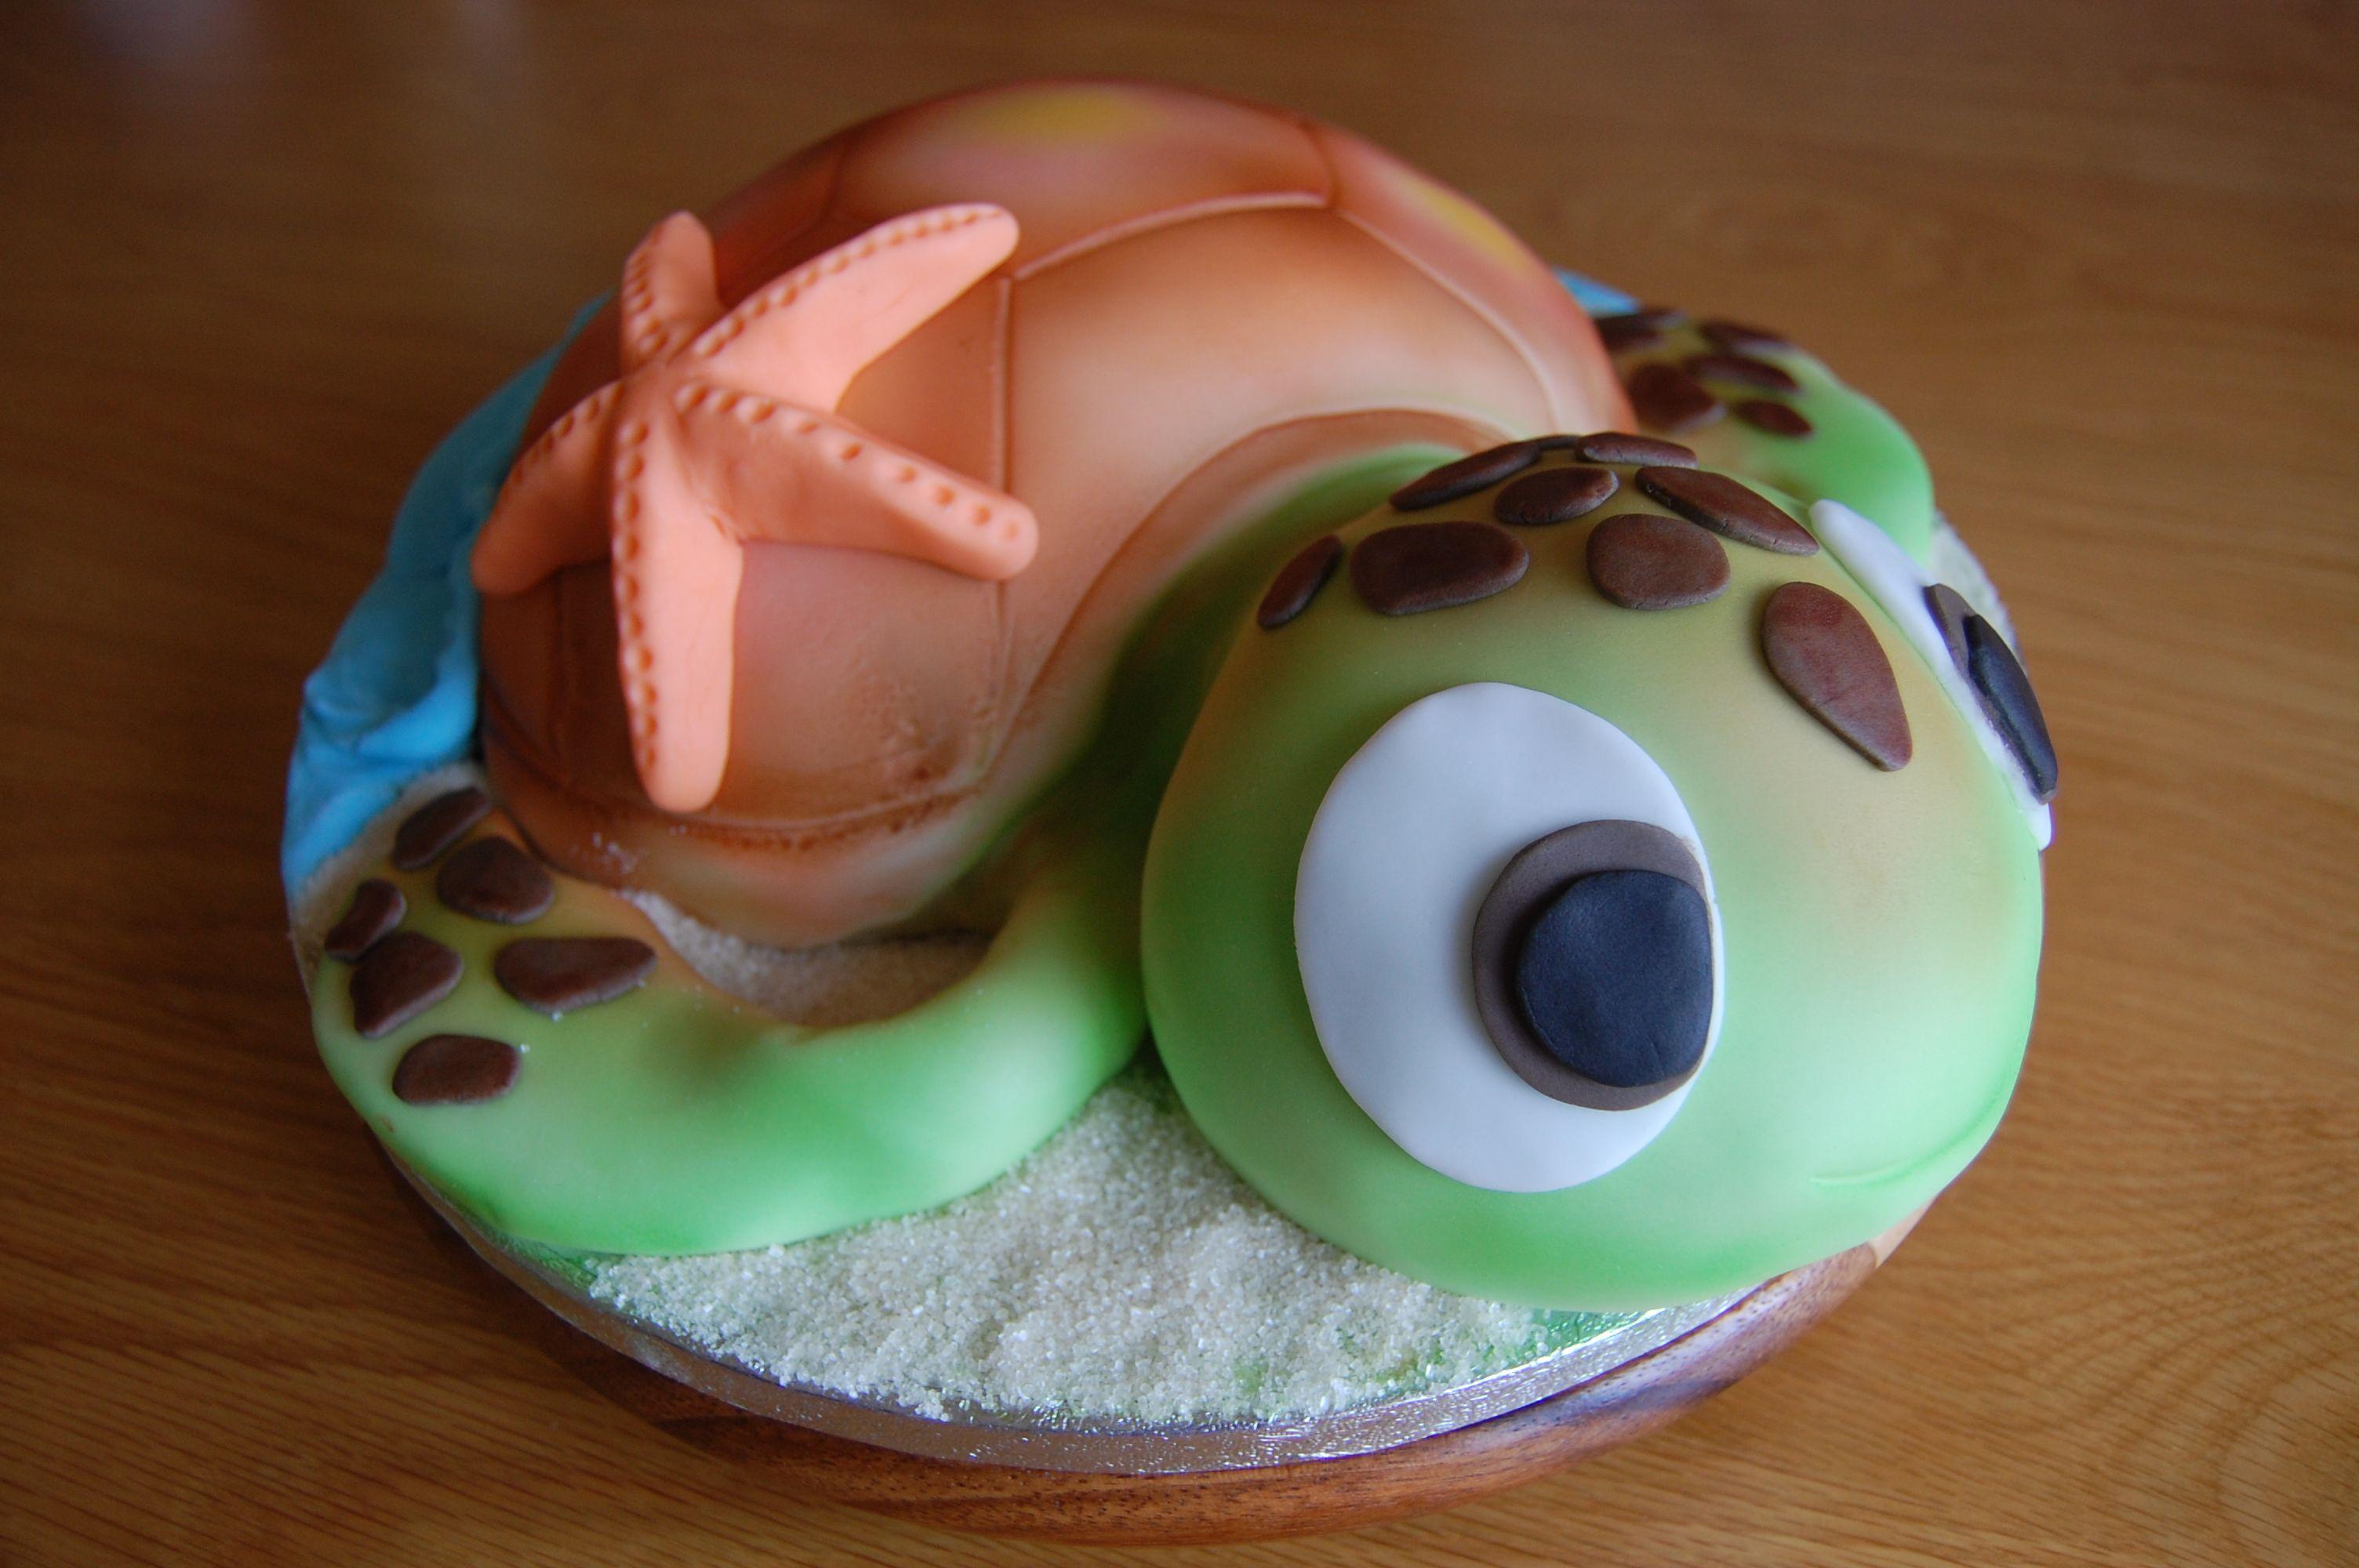 Turtle Cake Zo Schattig Die Ga Ik Ook Een Keertje Maken Cakes